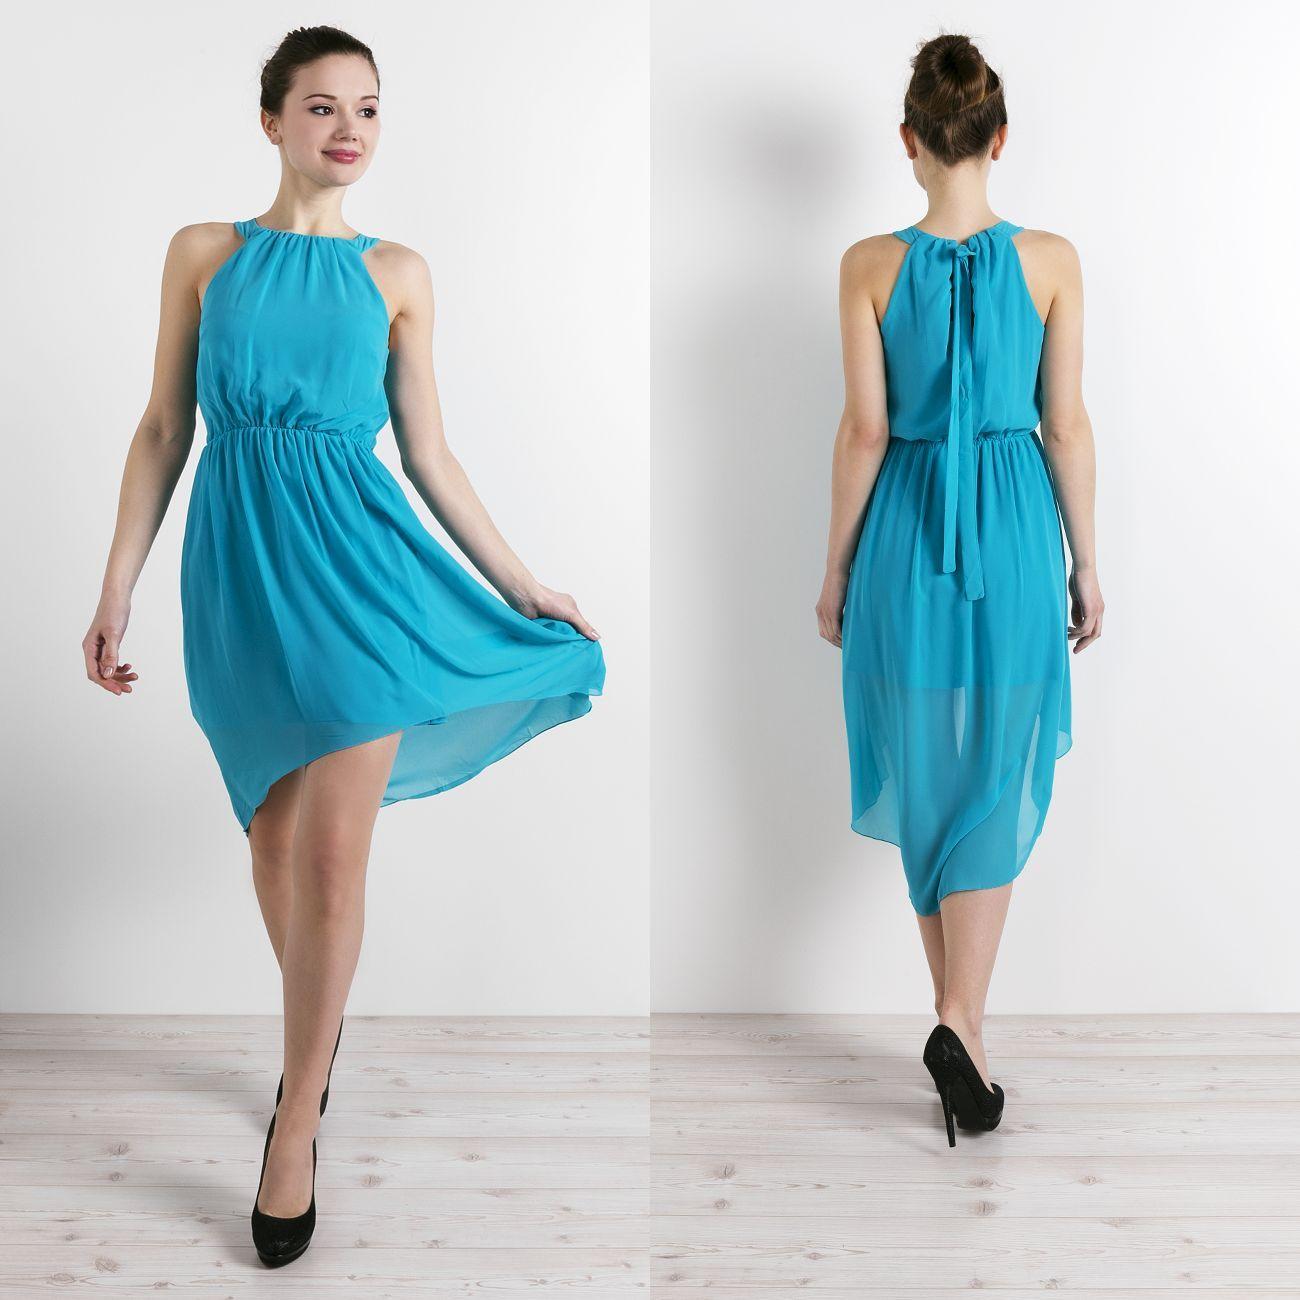 vero moda kleider mit tiefpreisgarantie online kaufen